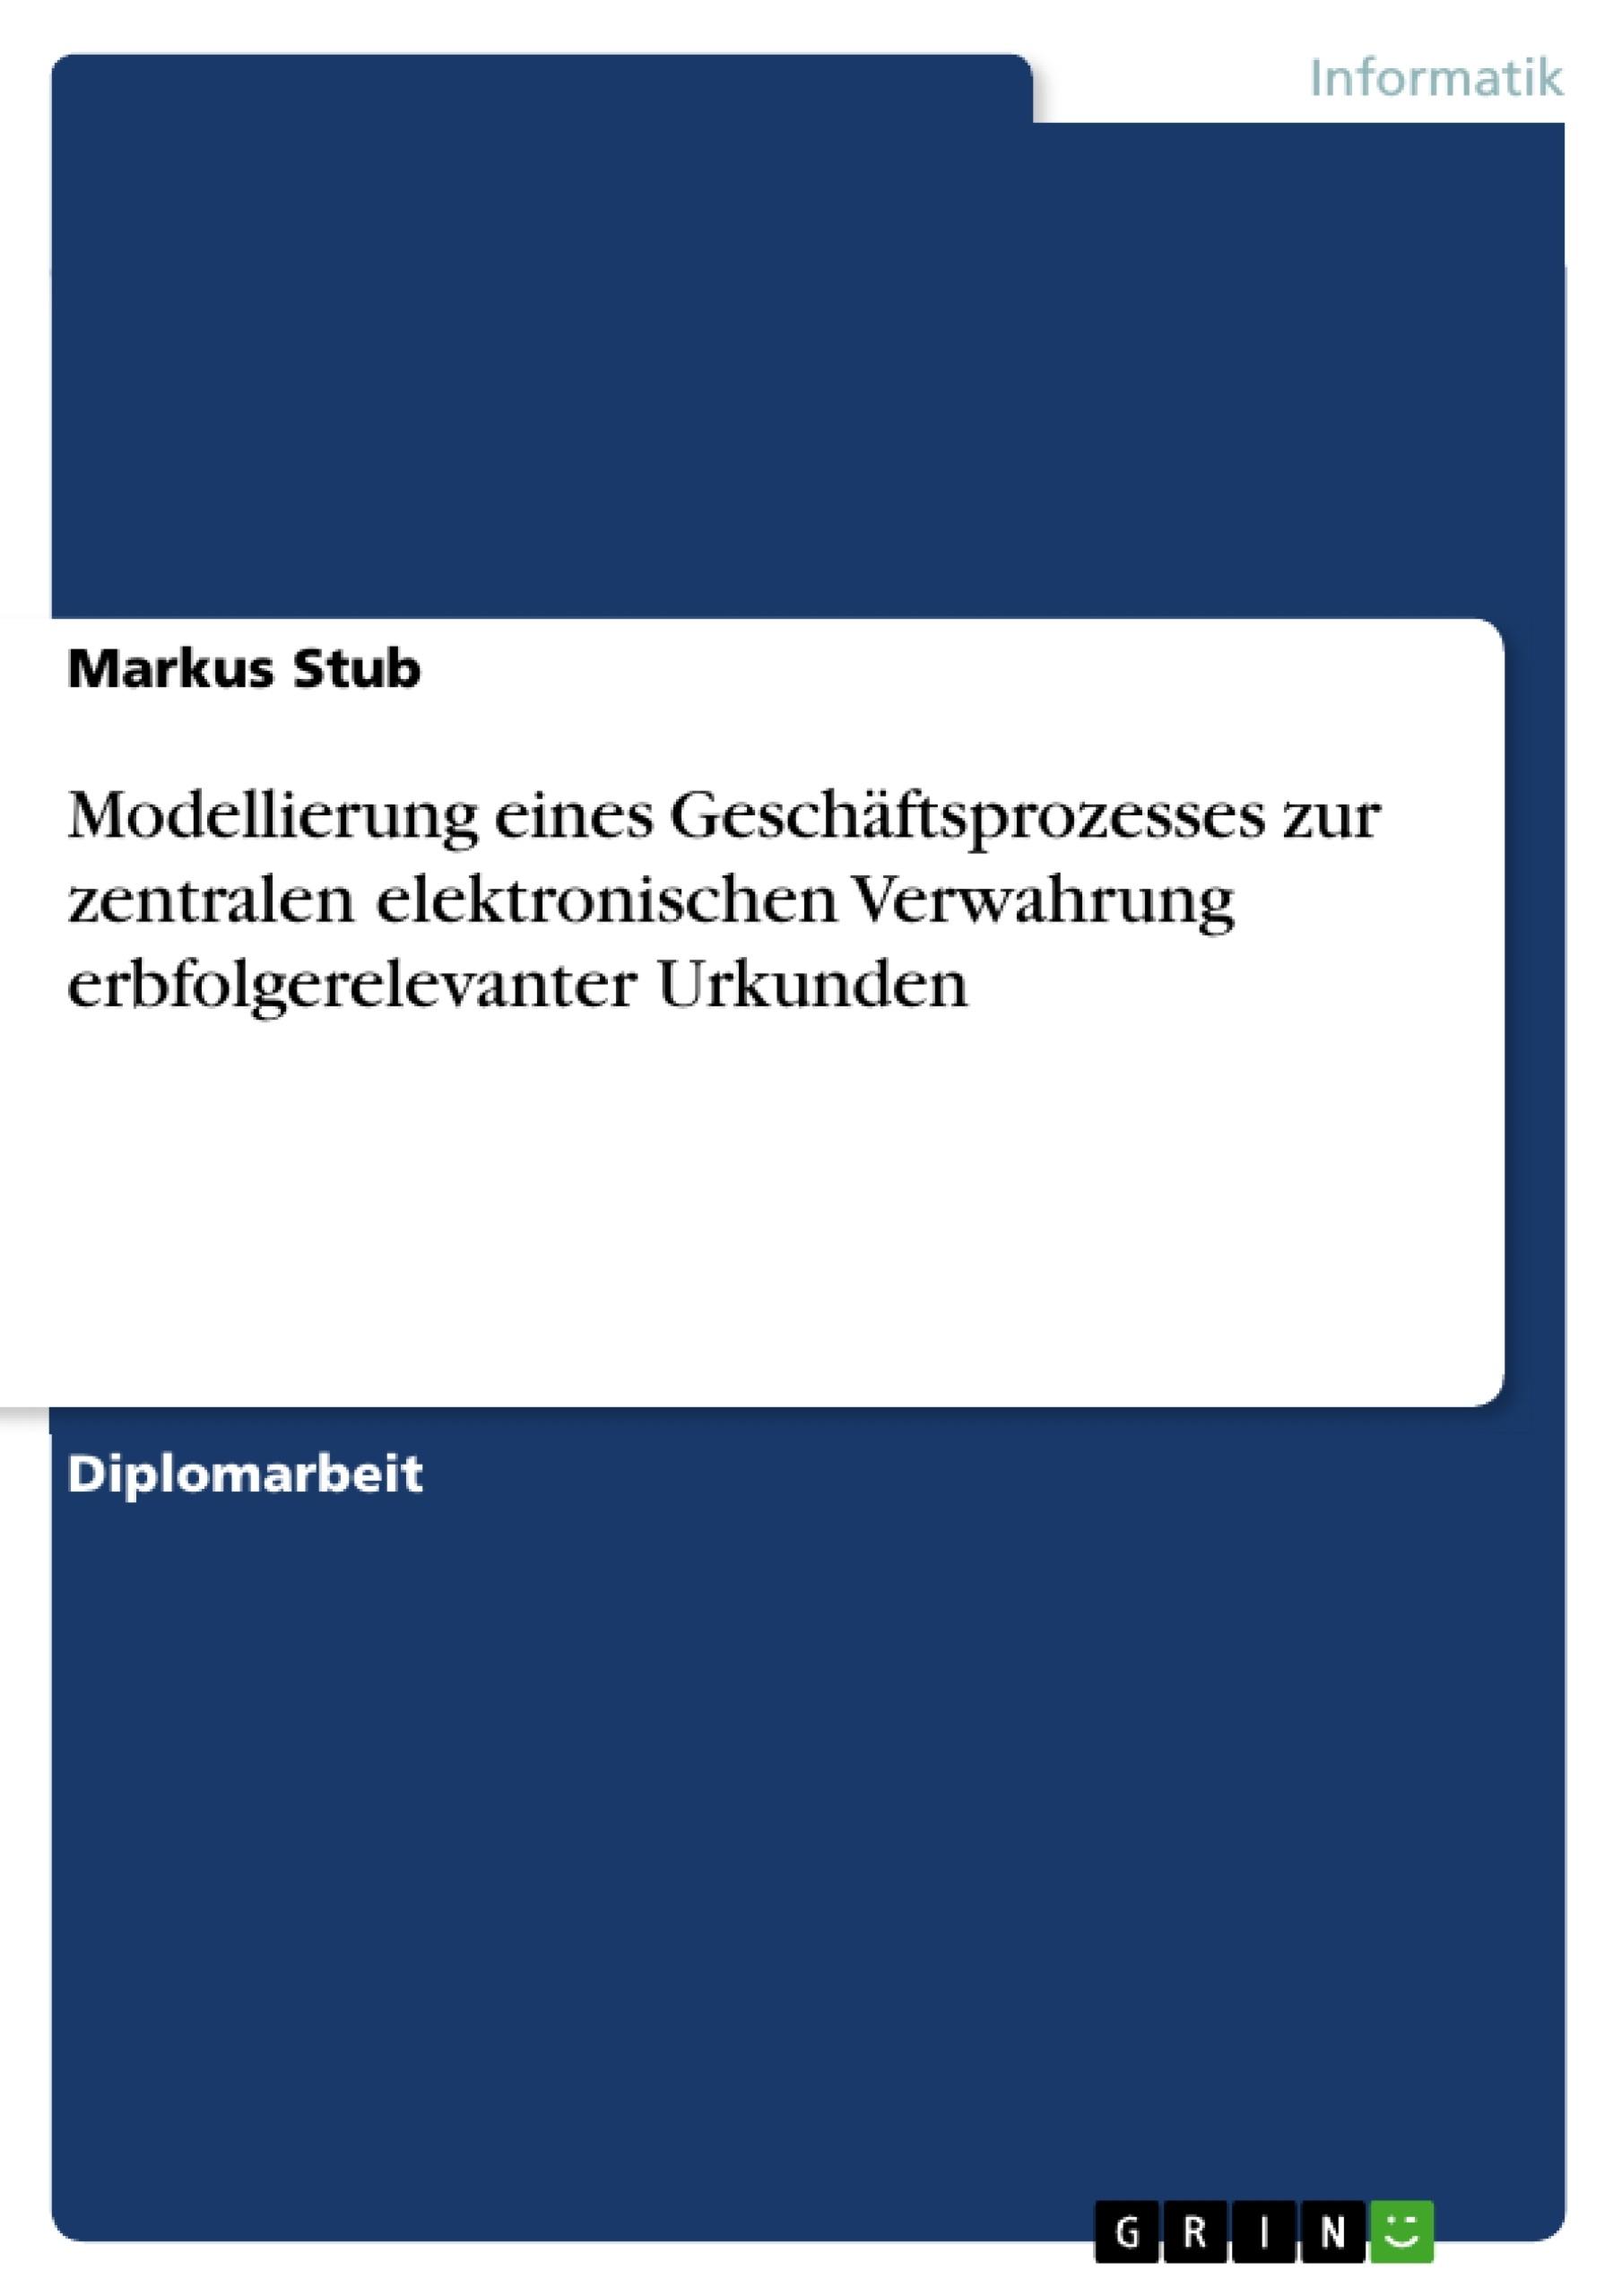 Titel: Modellierung eines Geschäftsprozesses zur zentralen elektronischen Verwahrung erbfolgerelevanter Urkunden